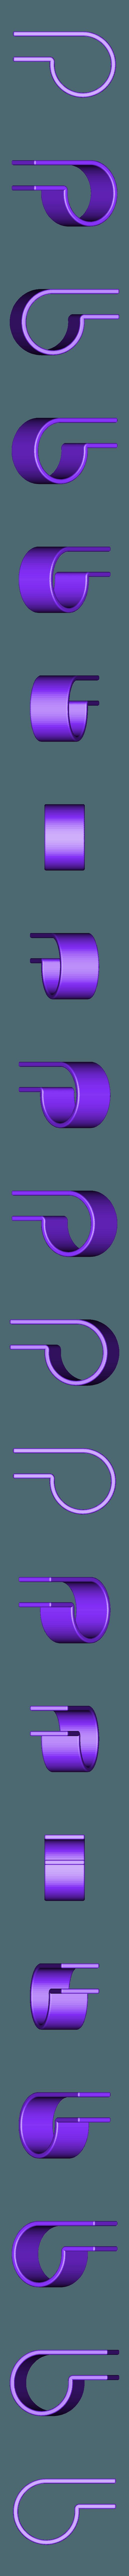 Rollbar Mount.stl Télécharger fichier STL gratuit Support d'arceau de sécurité - 1,75 po • Plan pour imprimante 3D, DraftingJake